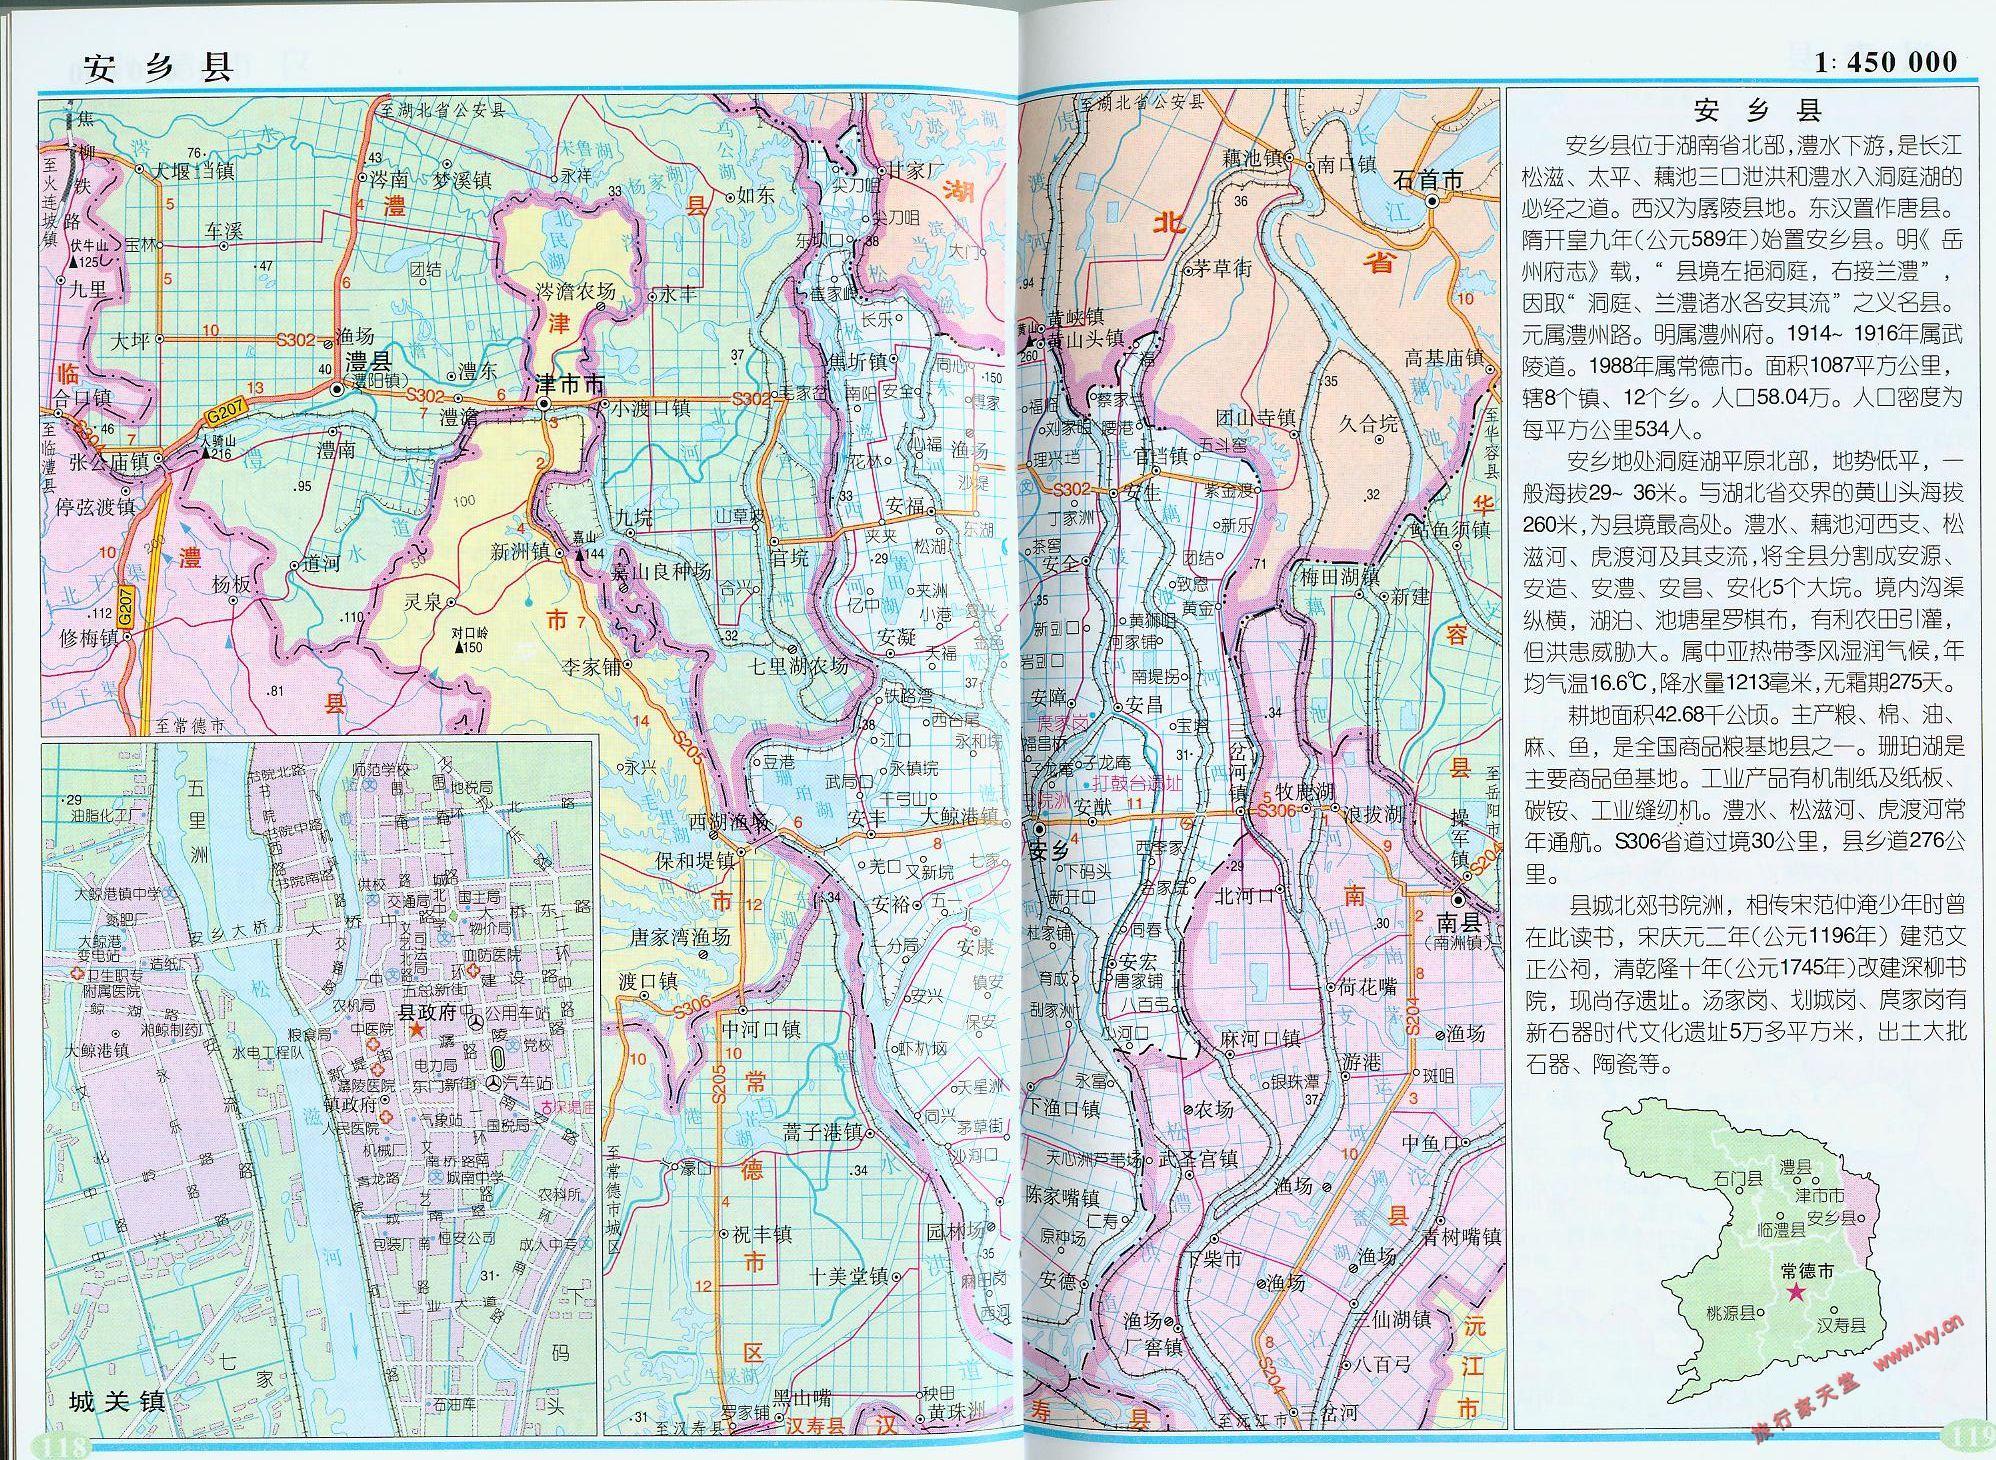 安乡县地图图片